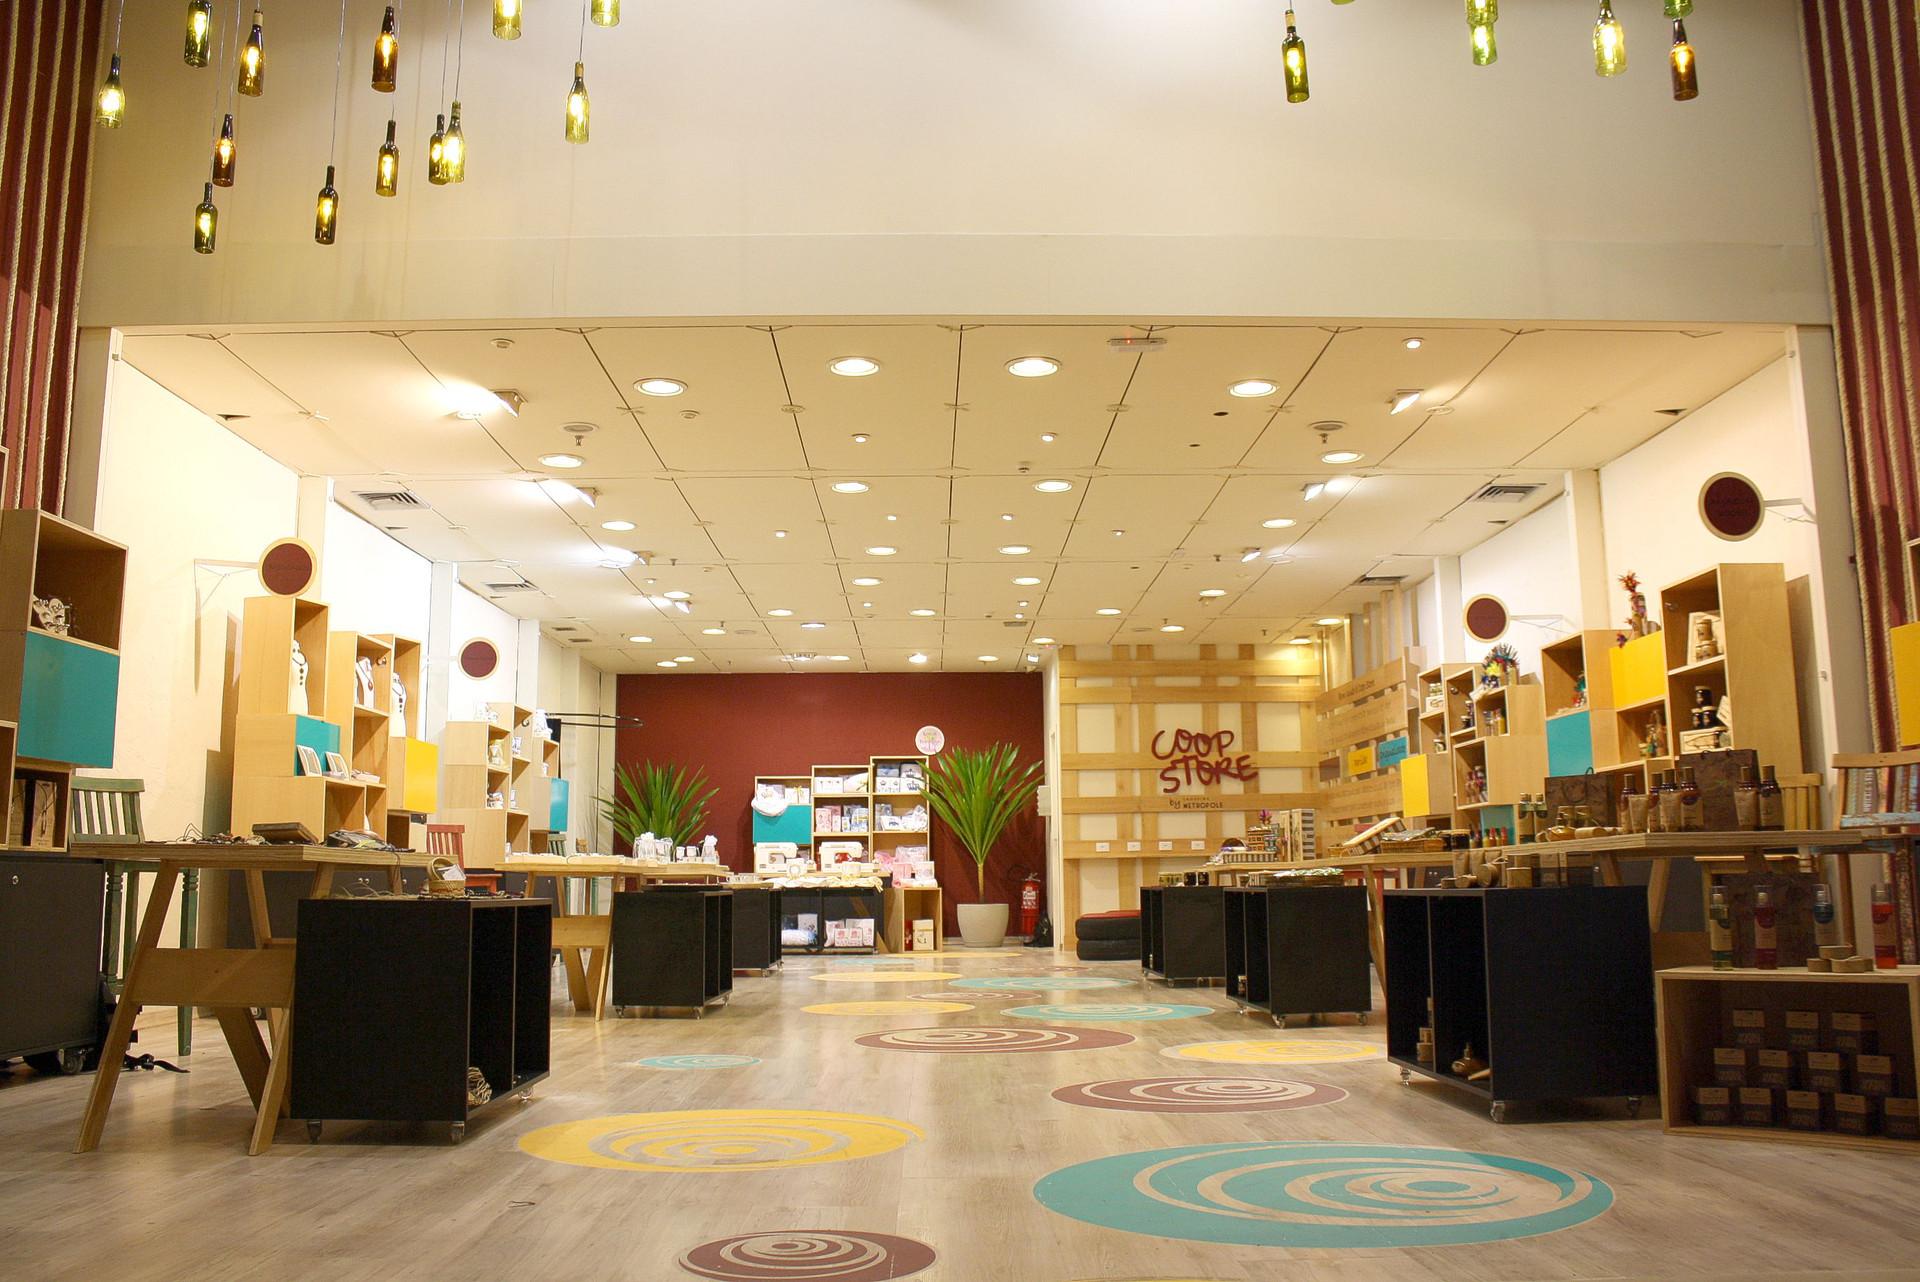 Coop Store